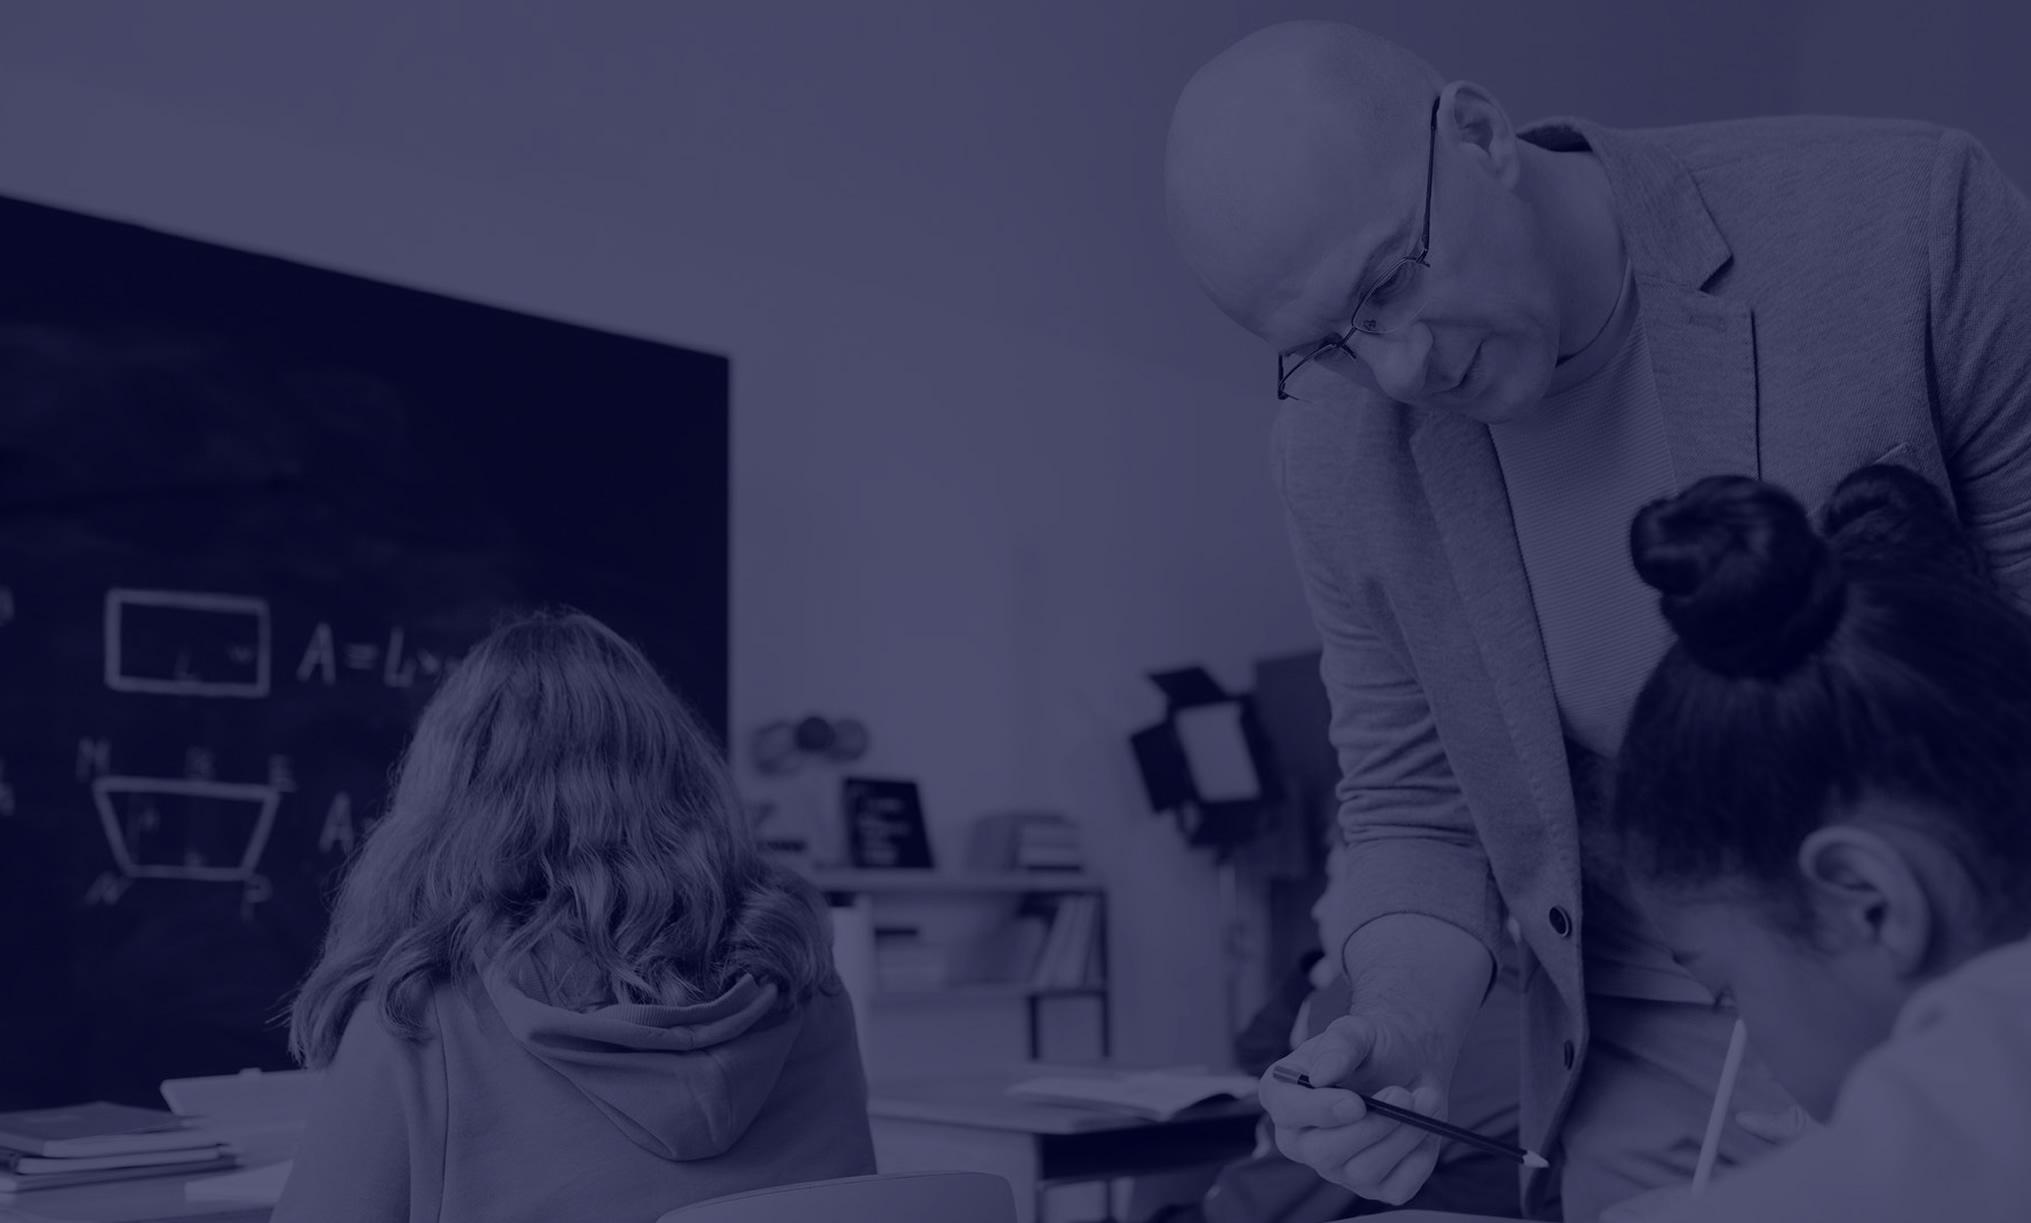 Aνανέωση άδειας ασκήσεως του επαγγέλματος της διδασκαλίας σε Φροντιστήρια, Κέντρα Ξένων Γλωσσών και κατ' οίκον διδασκαλία